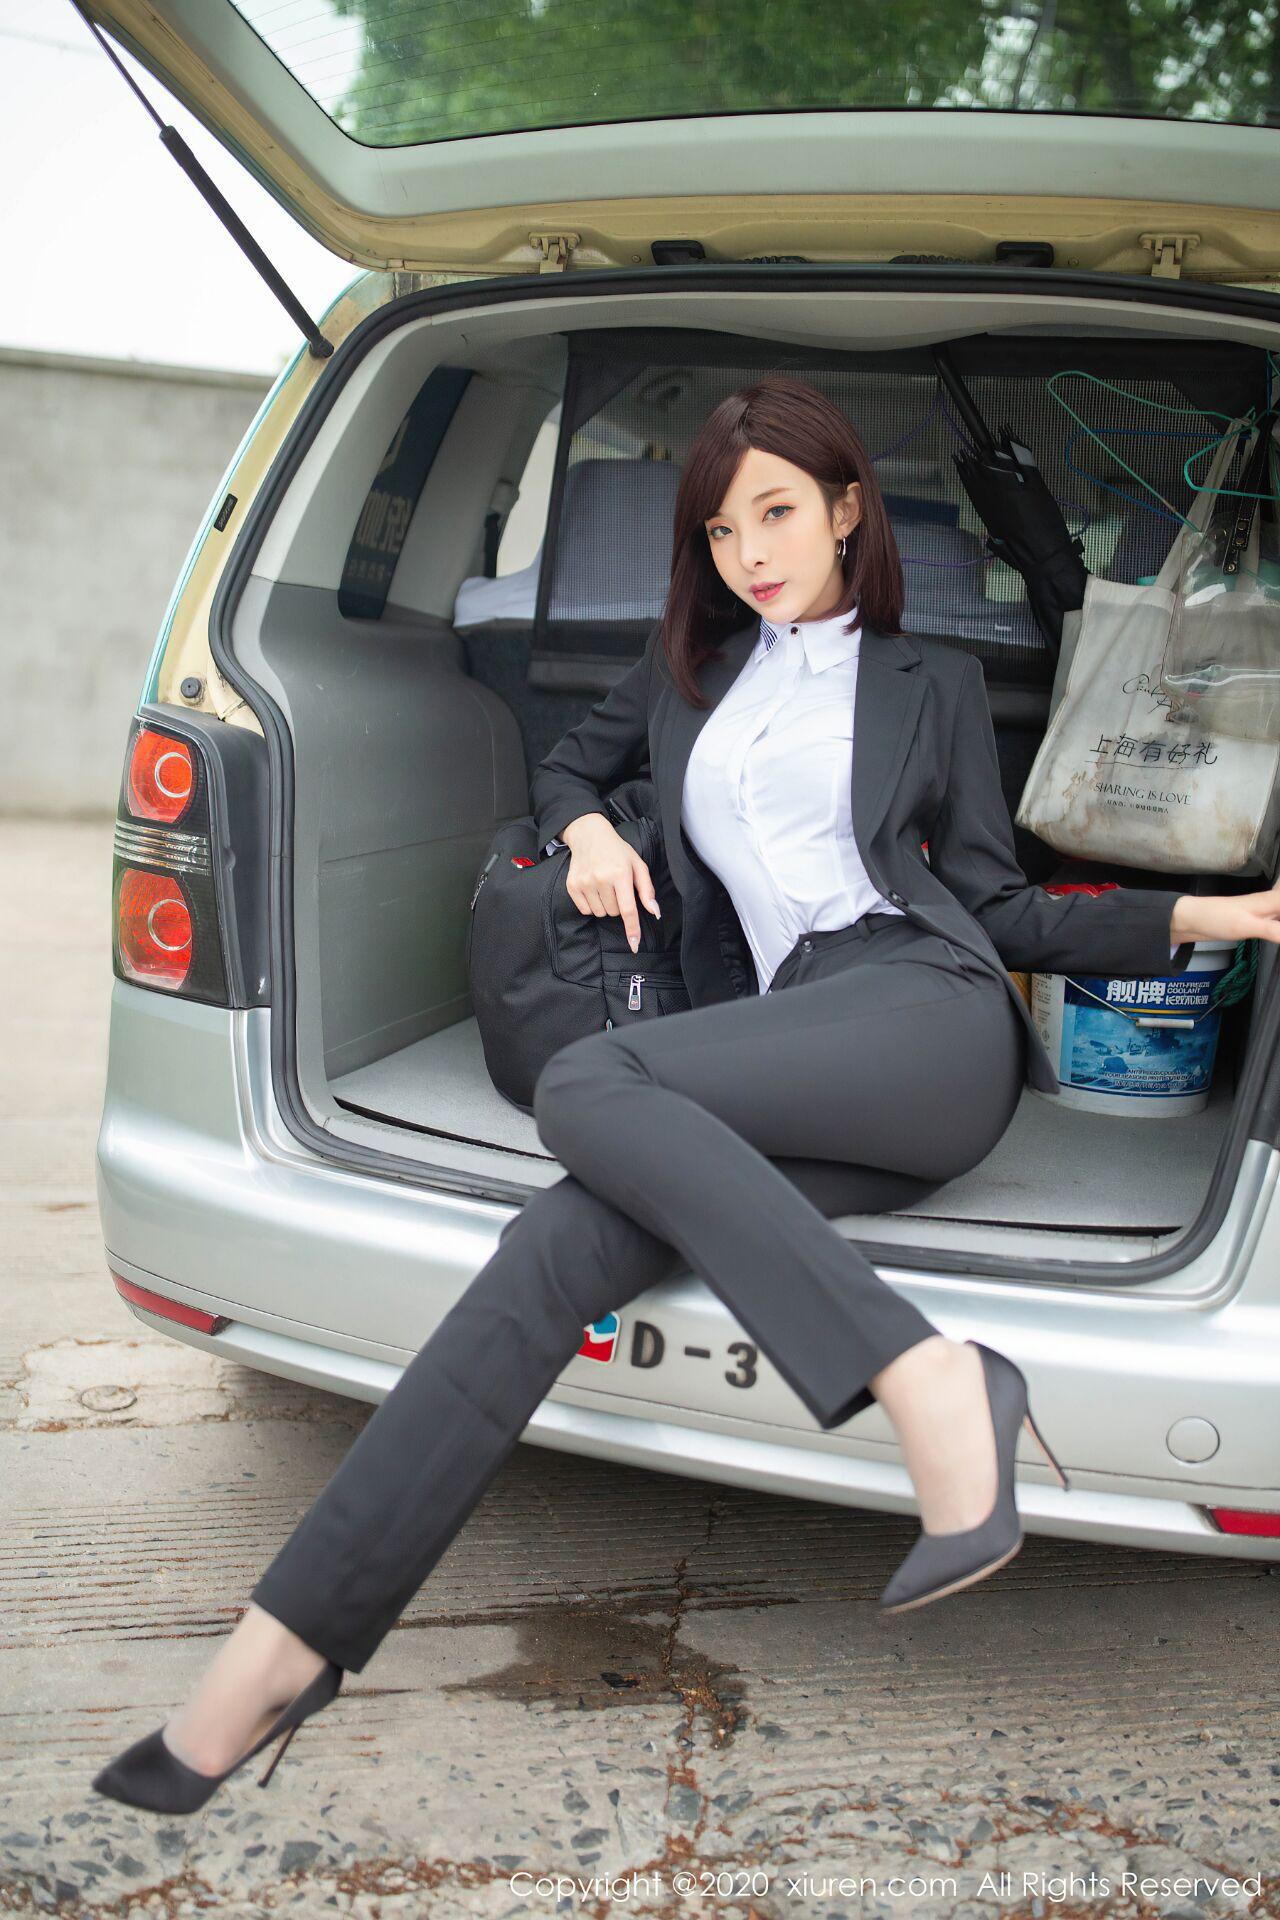 图片[18]-【剧情mietu】我和出租车女司机的邂逅故事-大鹏资源网